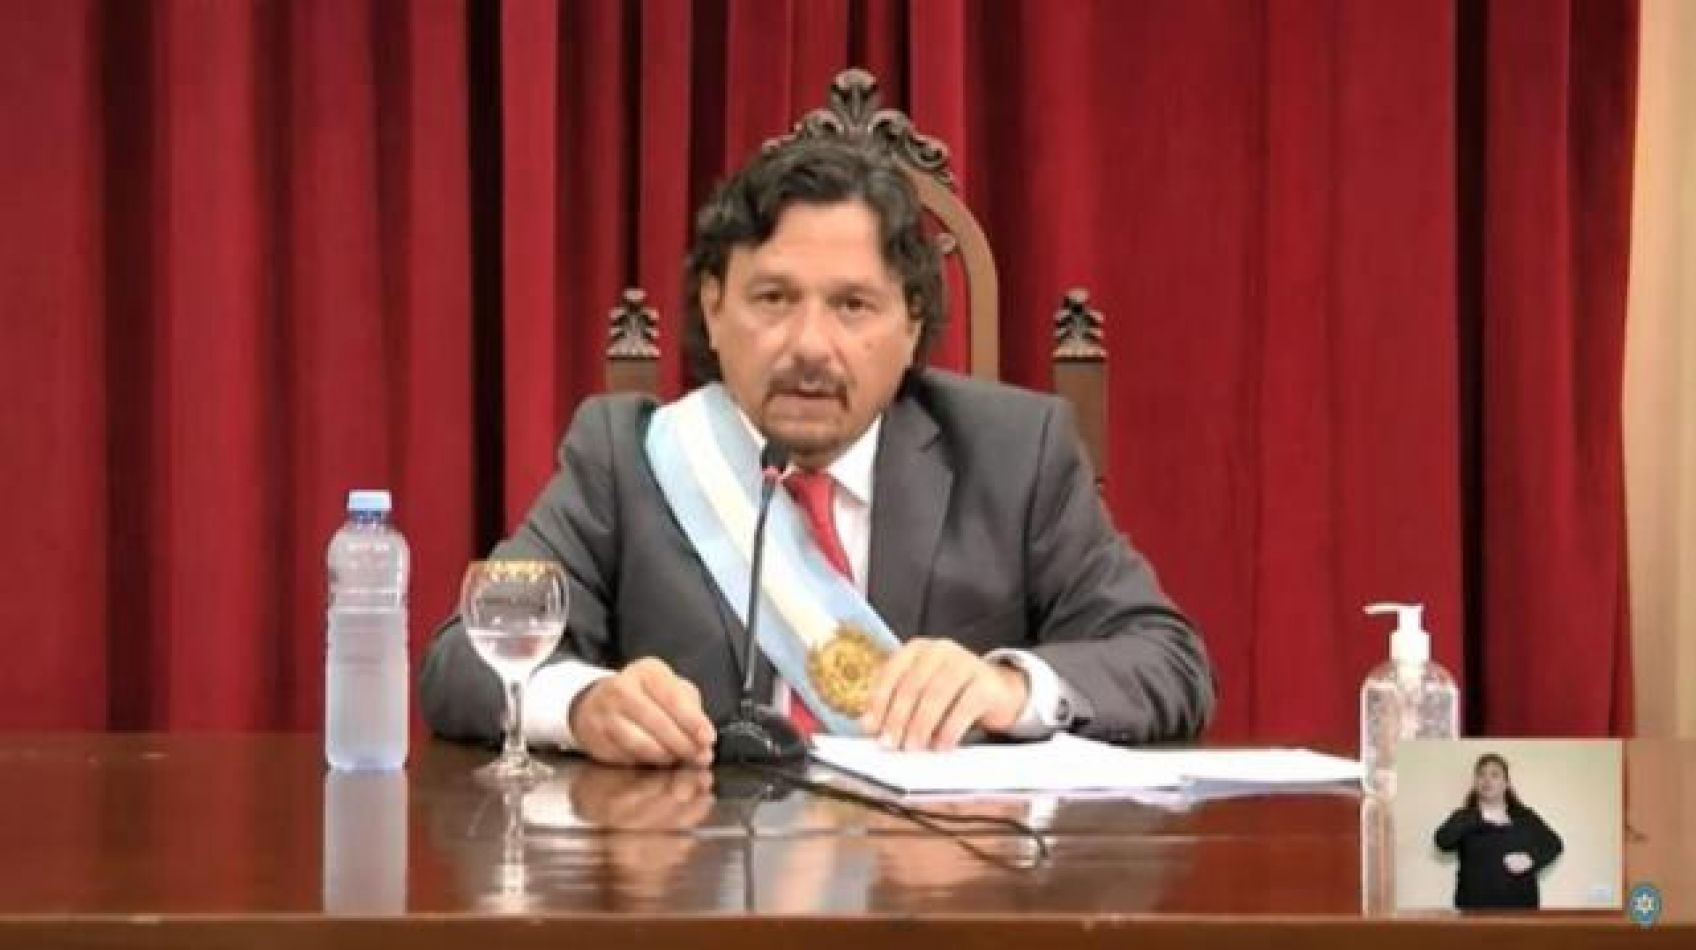 Sin grandes anuncios, y apostando al trabajo en equipo, Sáenz inauguró las sesiones legislativas en Salta